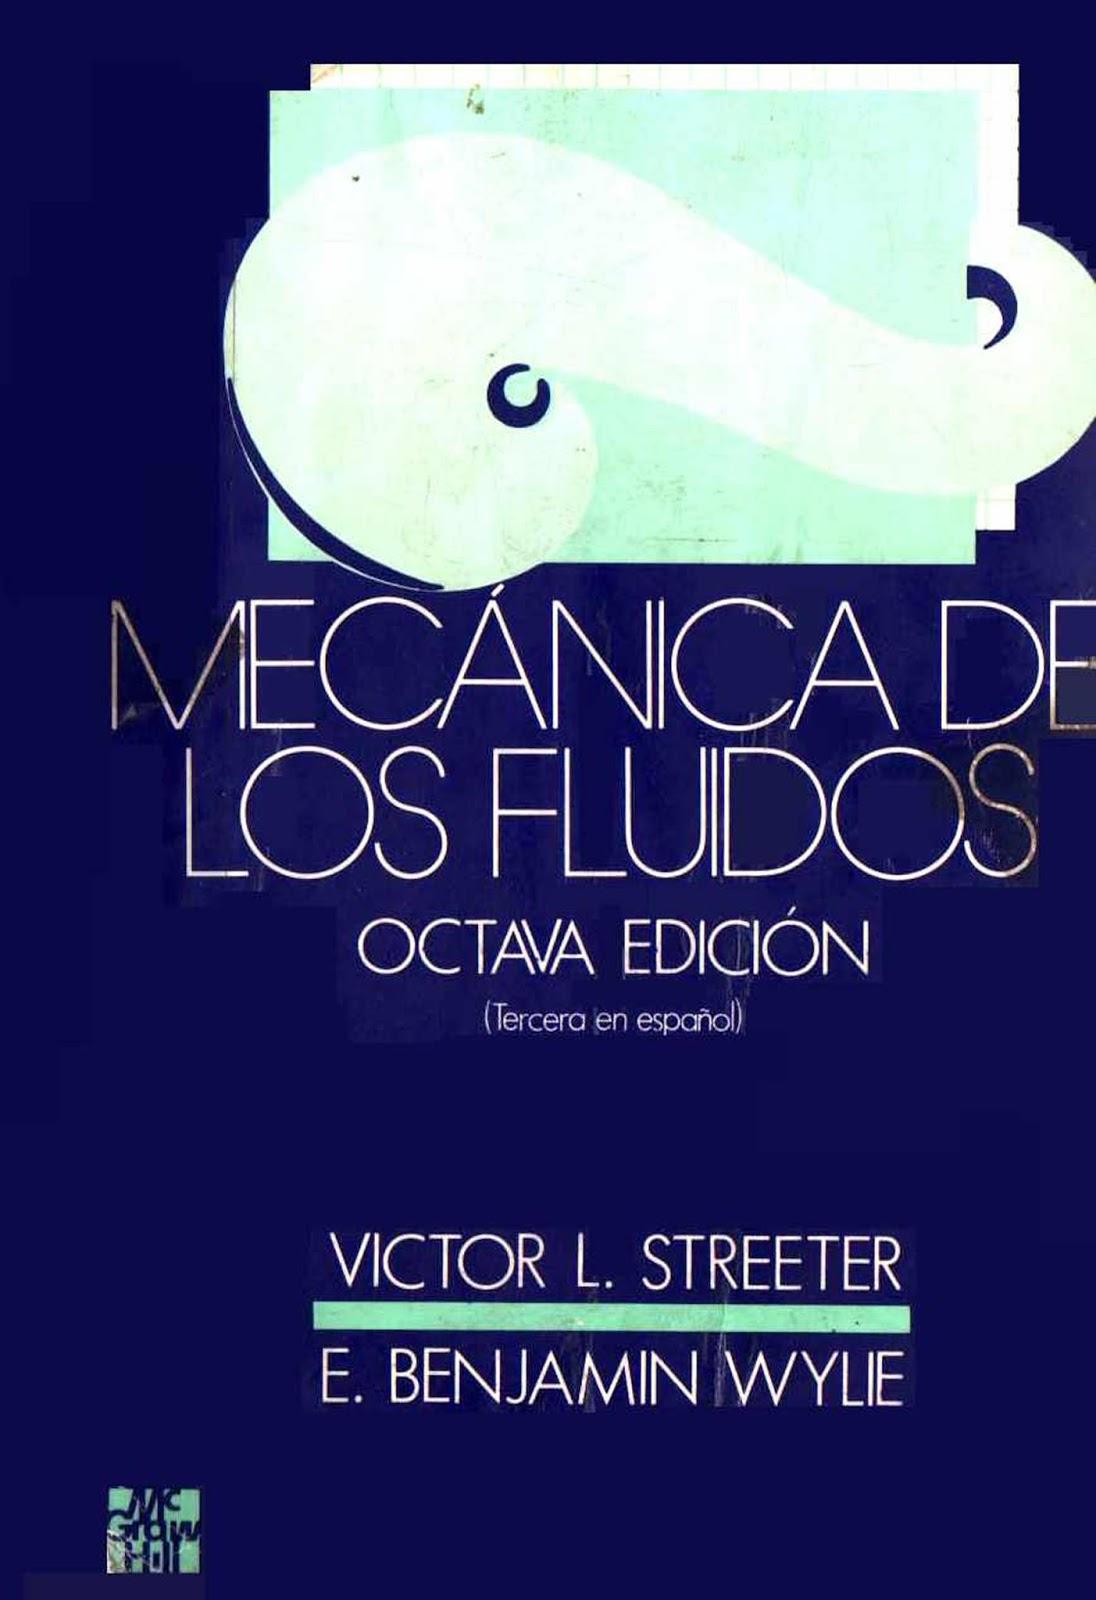 Mecánica de los fluidos, 8va. Edición – Victor L. Streeter